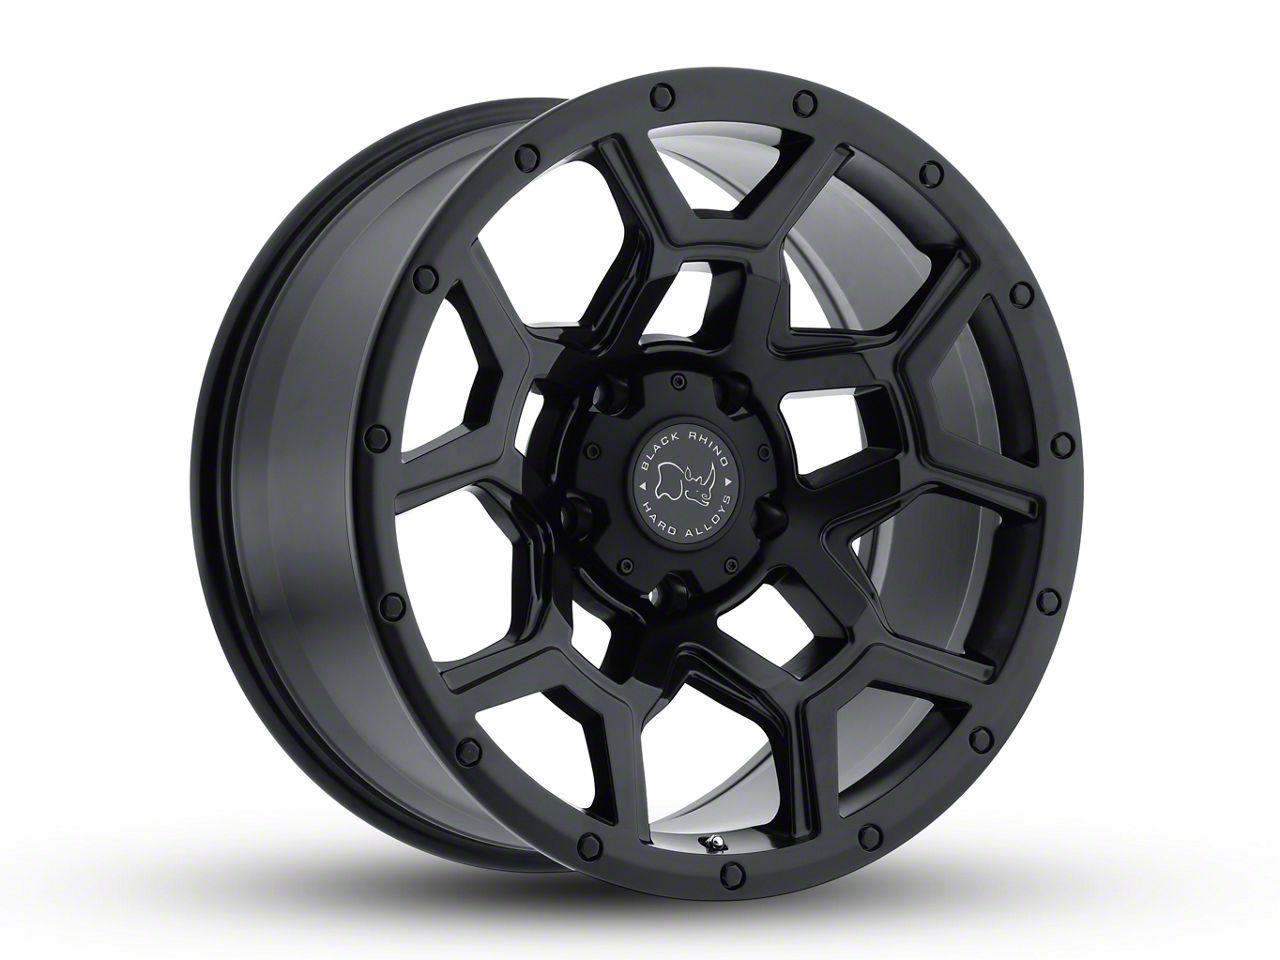 Black Rhino Overland Matte Black 6-Lug Wheel - 20x9.5 (99-18 Silverado 1500)